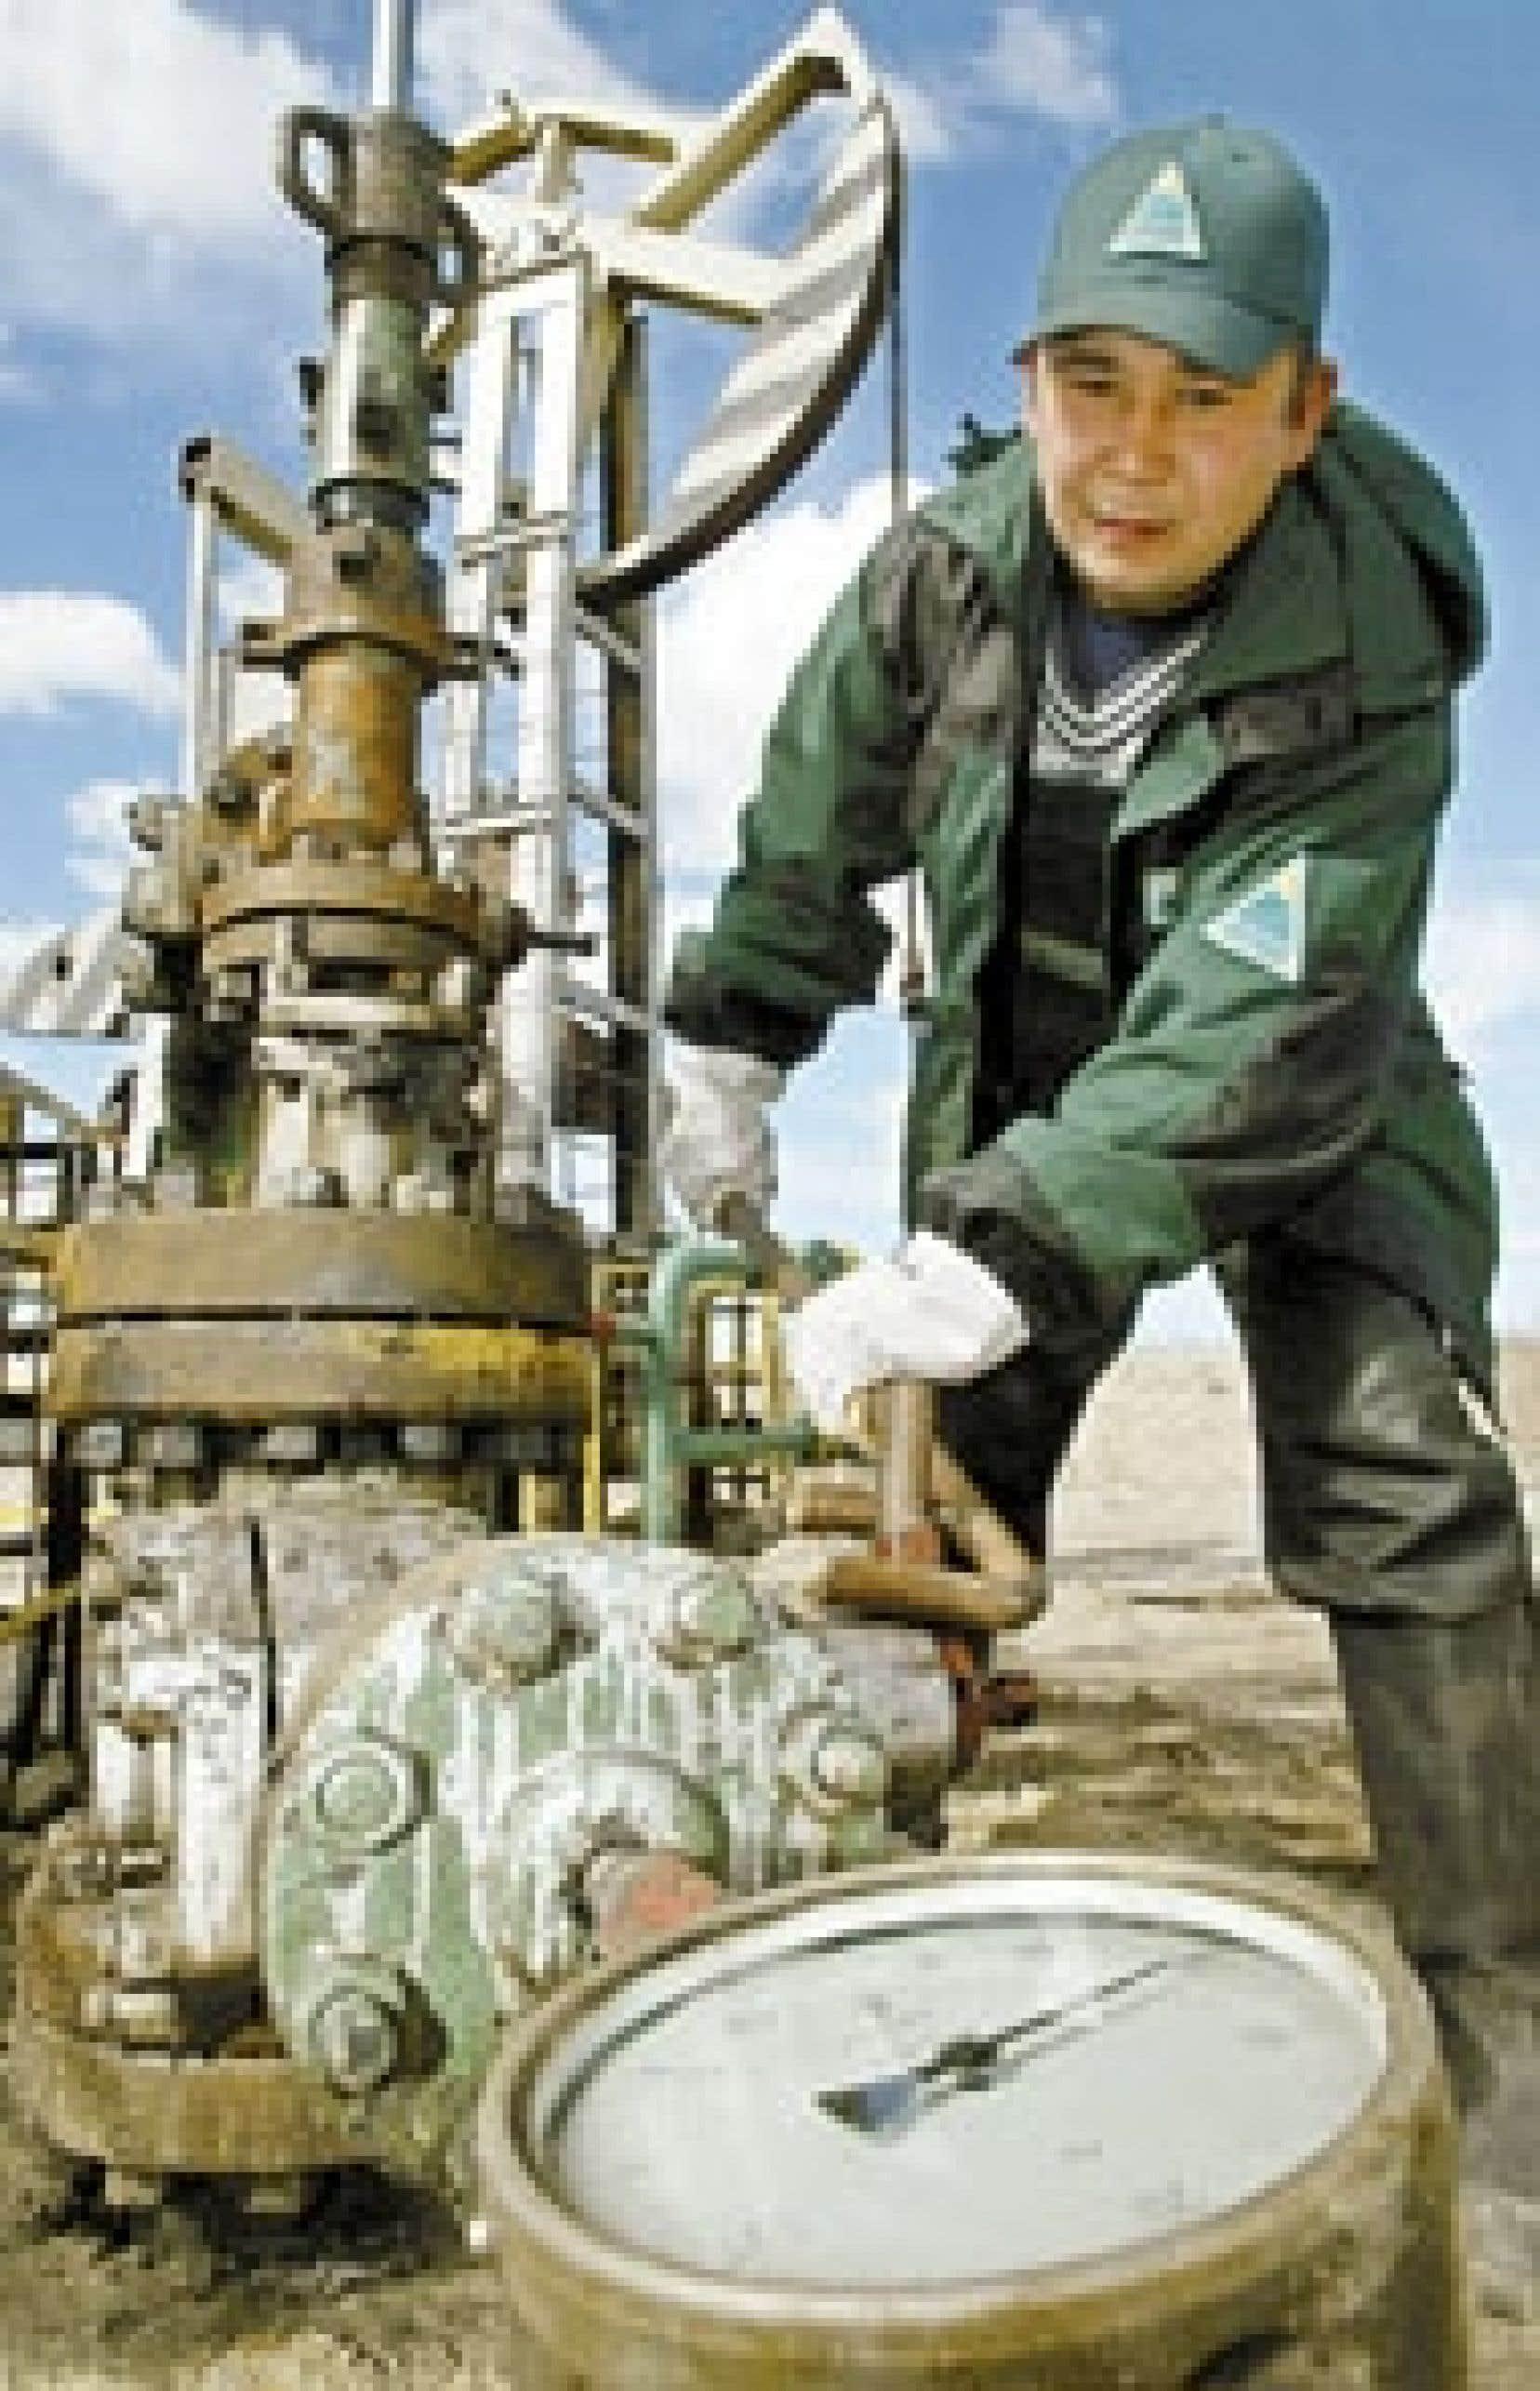 Un employé de Ioukos dans la région de Tyumensk, en Russie. Les autorités russes auraient ordonné hier à Ioukos de cesser de vendre du pétrole.